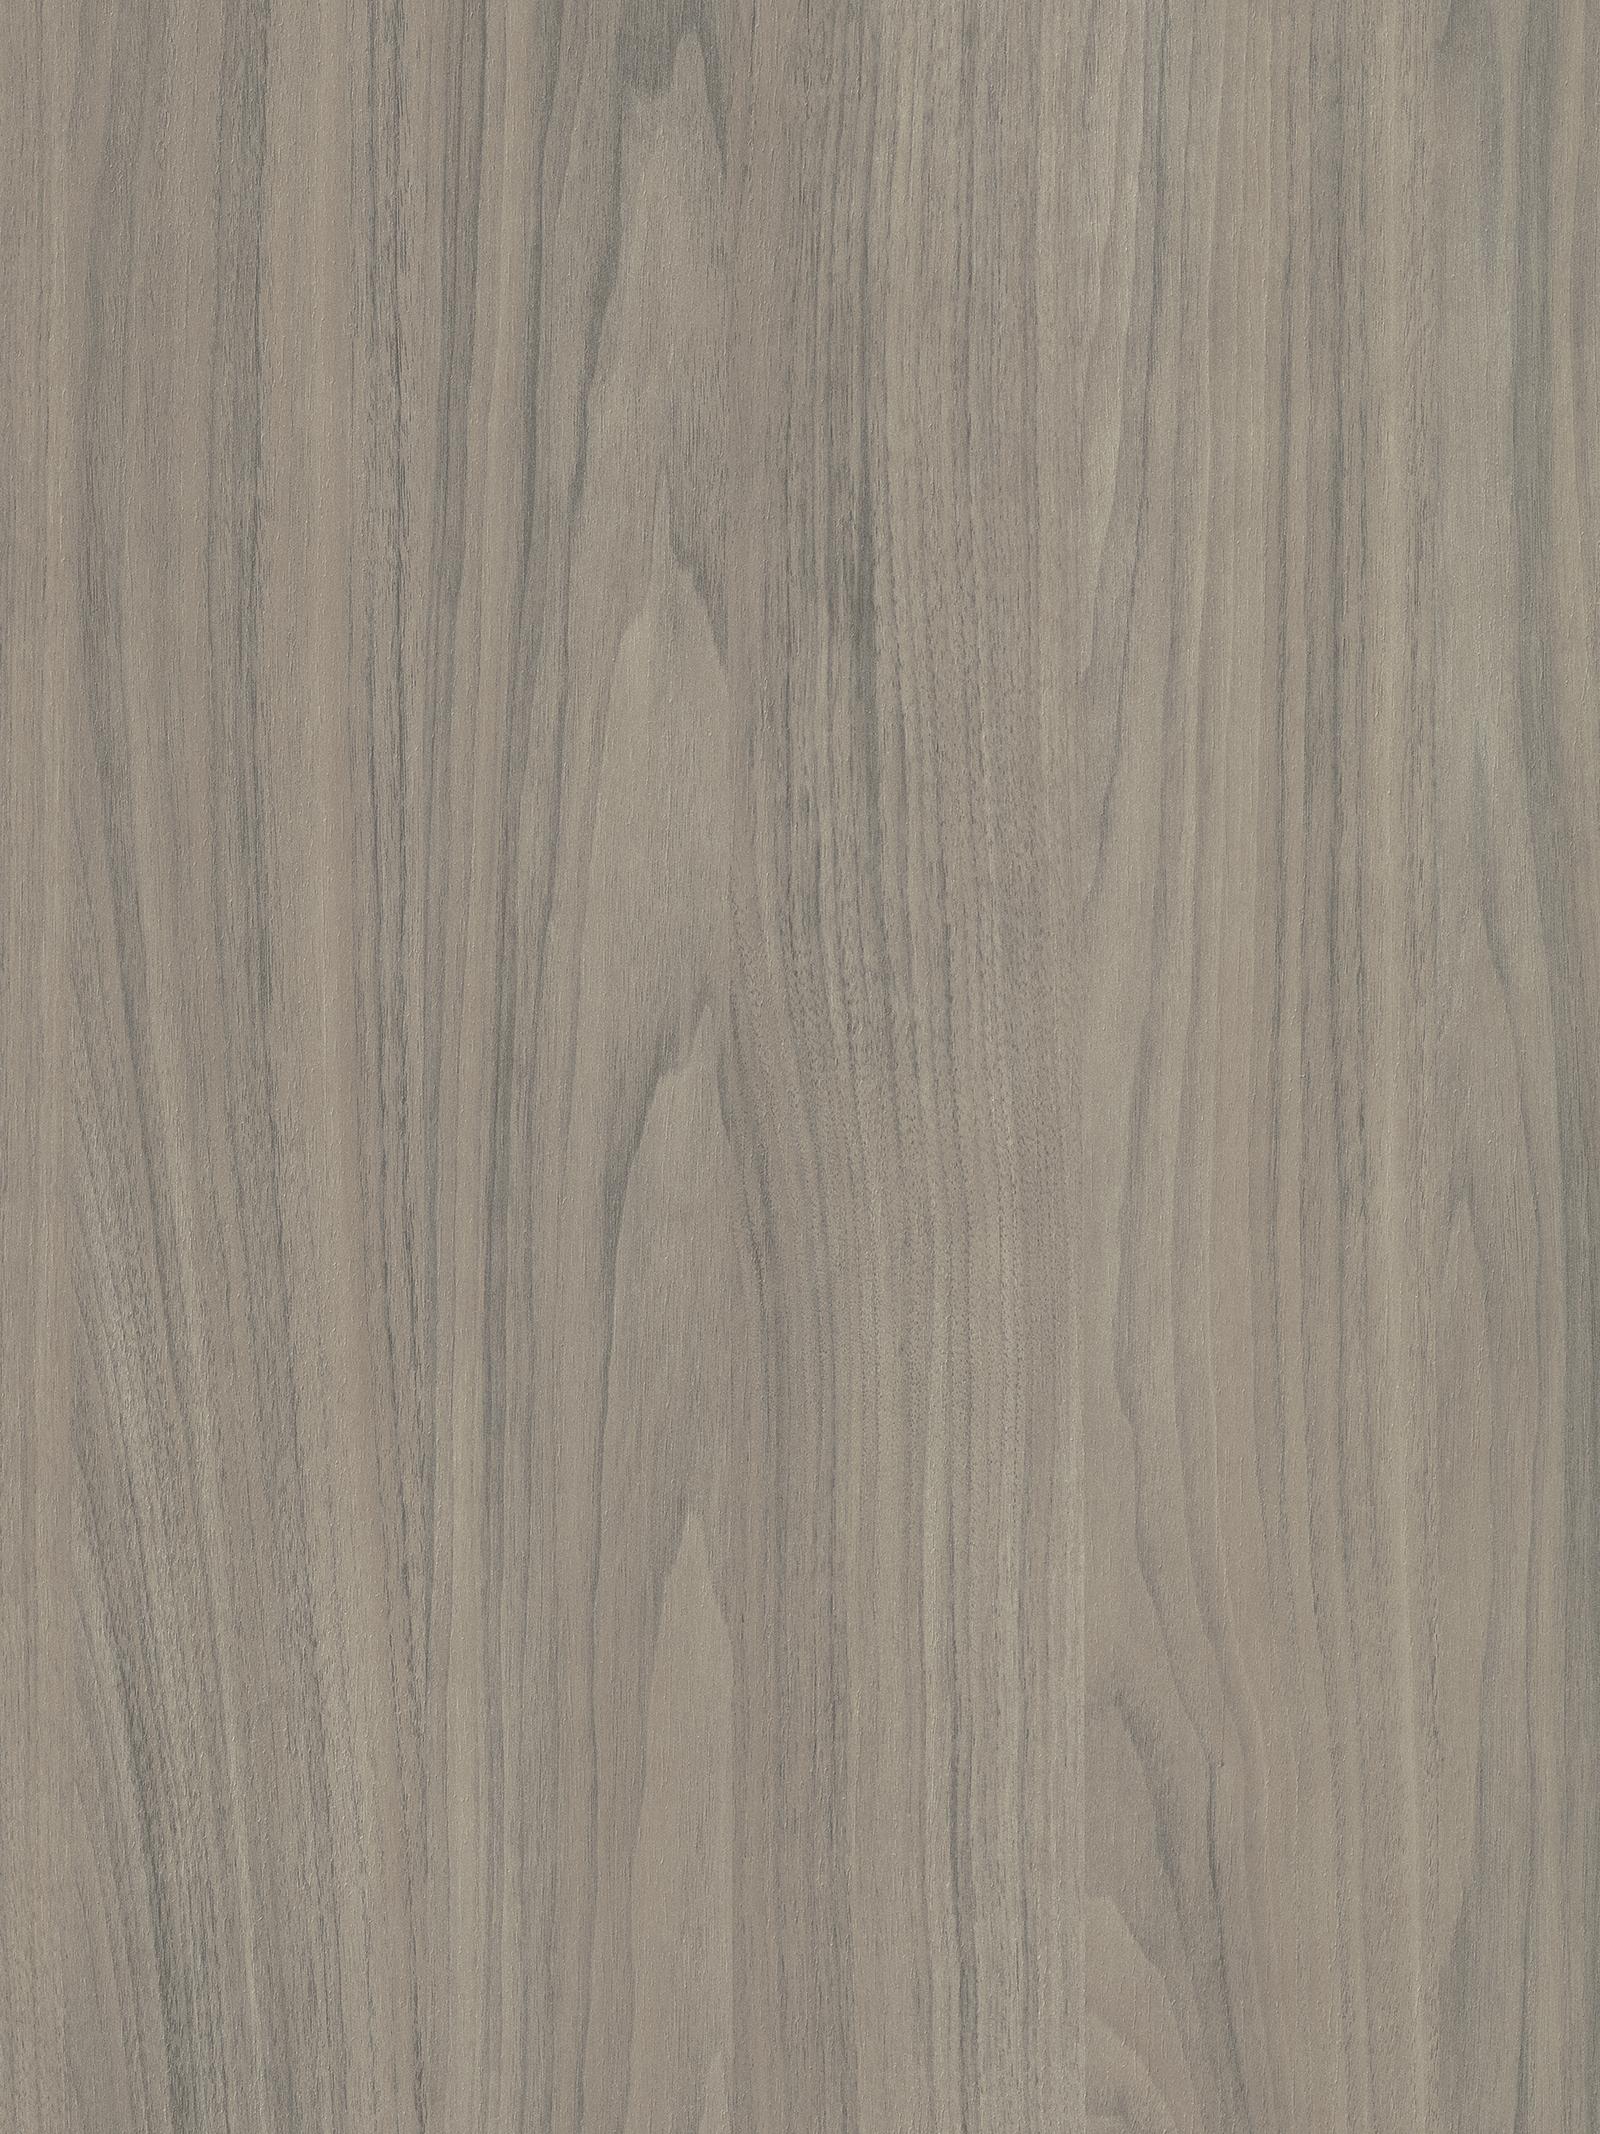 LS41 Poro noce grijs decoratief plaatmateriaal